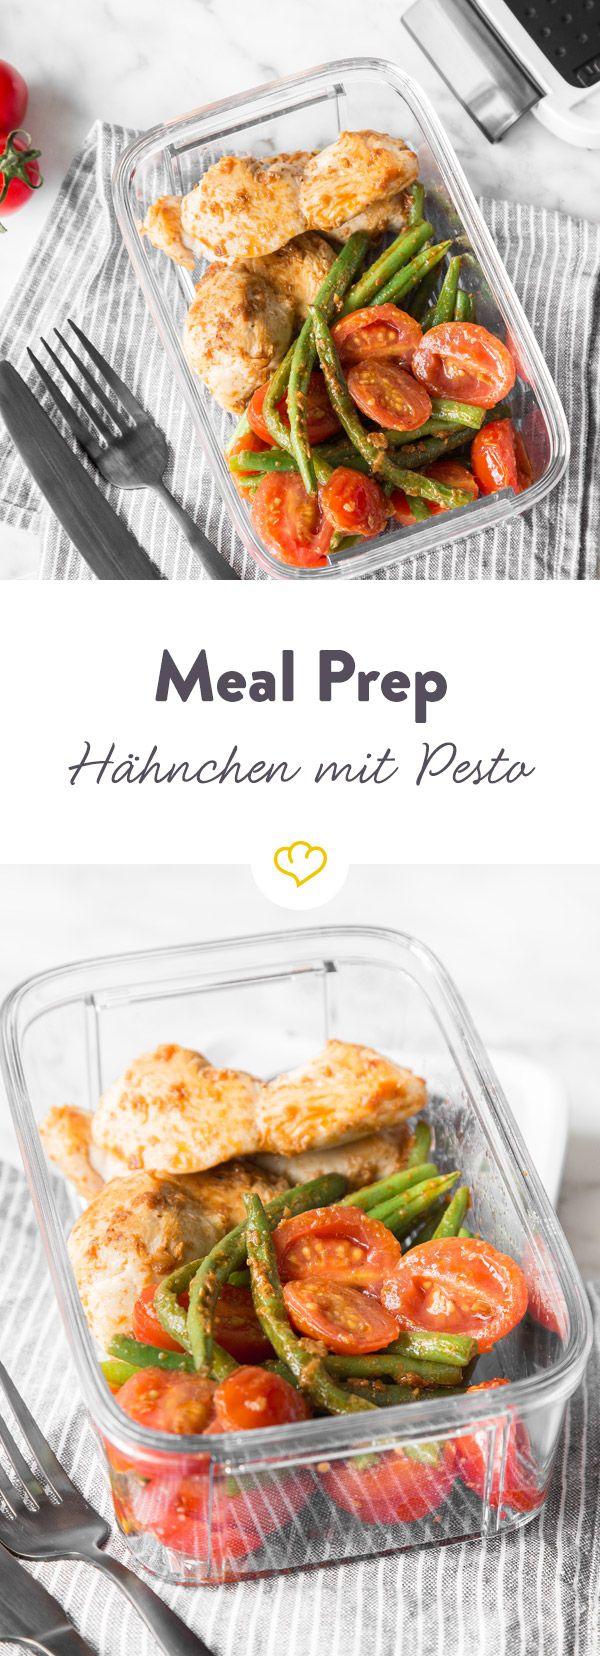 Diese Hähnchenstreifen mit Pesto, grünen Bohnen und Tomaten sind wie geschaffen für deinen Meal Prep Plan. Einfach vorzubereiten, leicht und lecker!